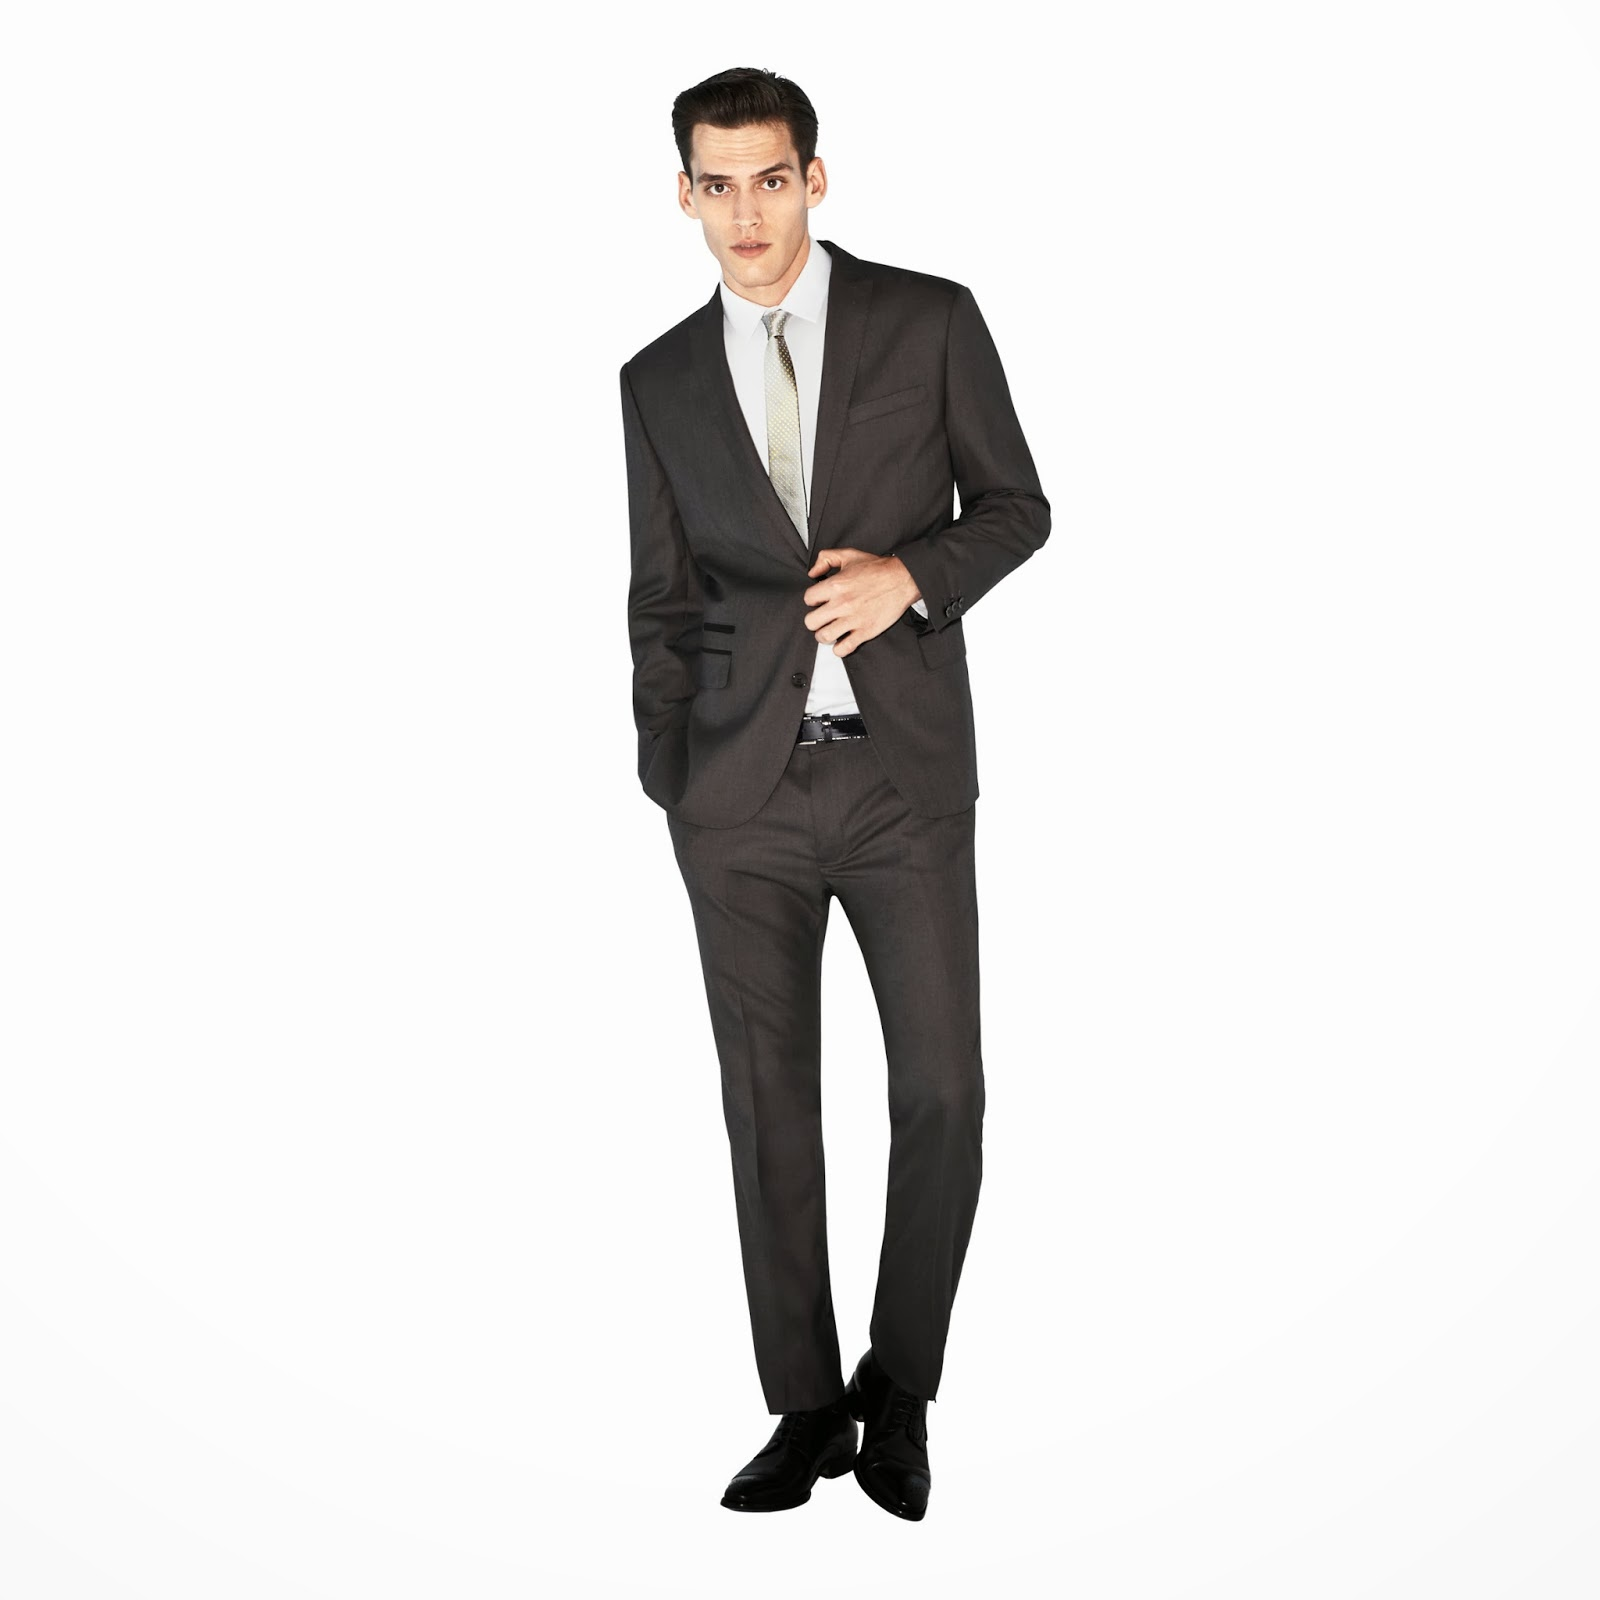 celio, celio-club, mode-hommes, printemps-ete, spring-summer, magazine-mode-homme, vetement-homme, conseil-mode-homme, sacoche-homme, costume-homme, homme-fashion, site-mode-homme, chemise-pour-homme, magasin-pour-homme, cherhce-homme-riche, veste-officier-homme, mode-masculine, marque-homme, zara-boutique-en-ligne, vetement-grande-taille, chemise-blanche-homme, veste-blazer, zara, mango, hm, bershka, veste-homme, manteau-homme, bracelet-homme, portefeuille-homme, du-dessin-aux-podiums, maillot-de-bain-homme, gilet-homme, trench-homme, mocassin-homme, sous-vetement